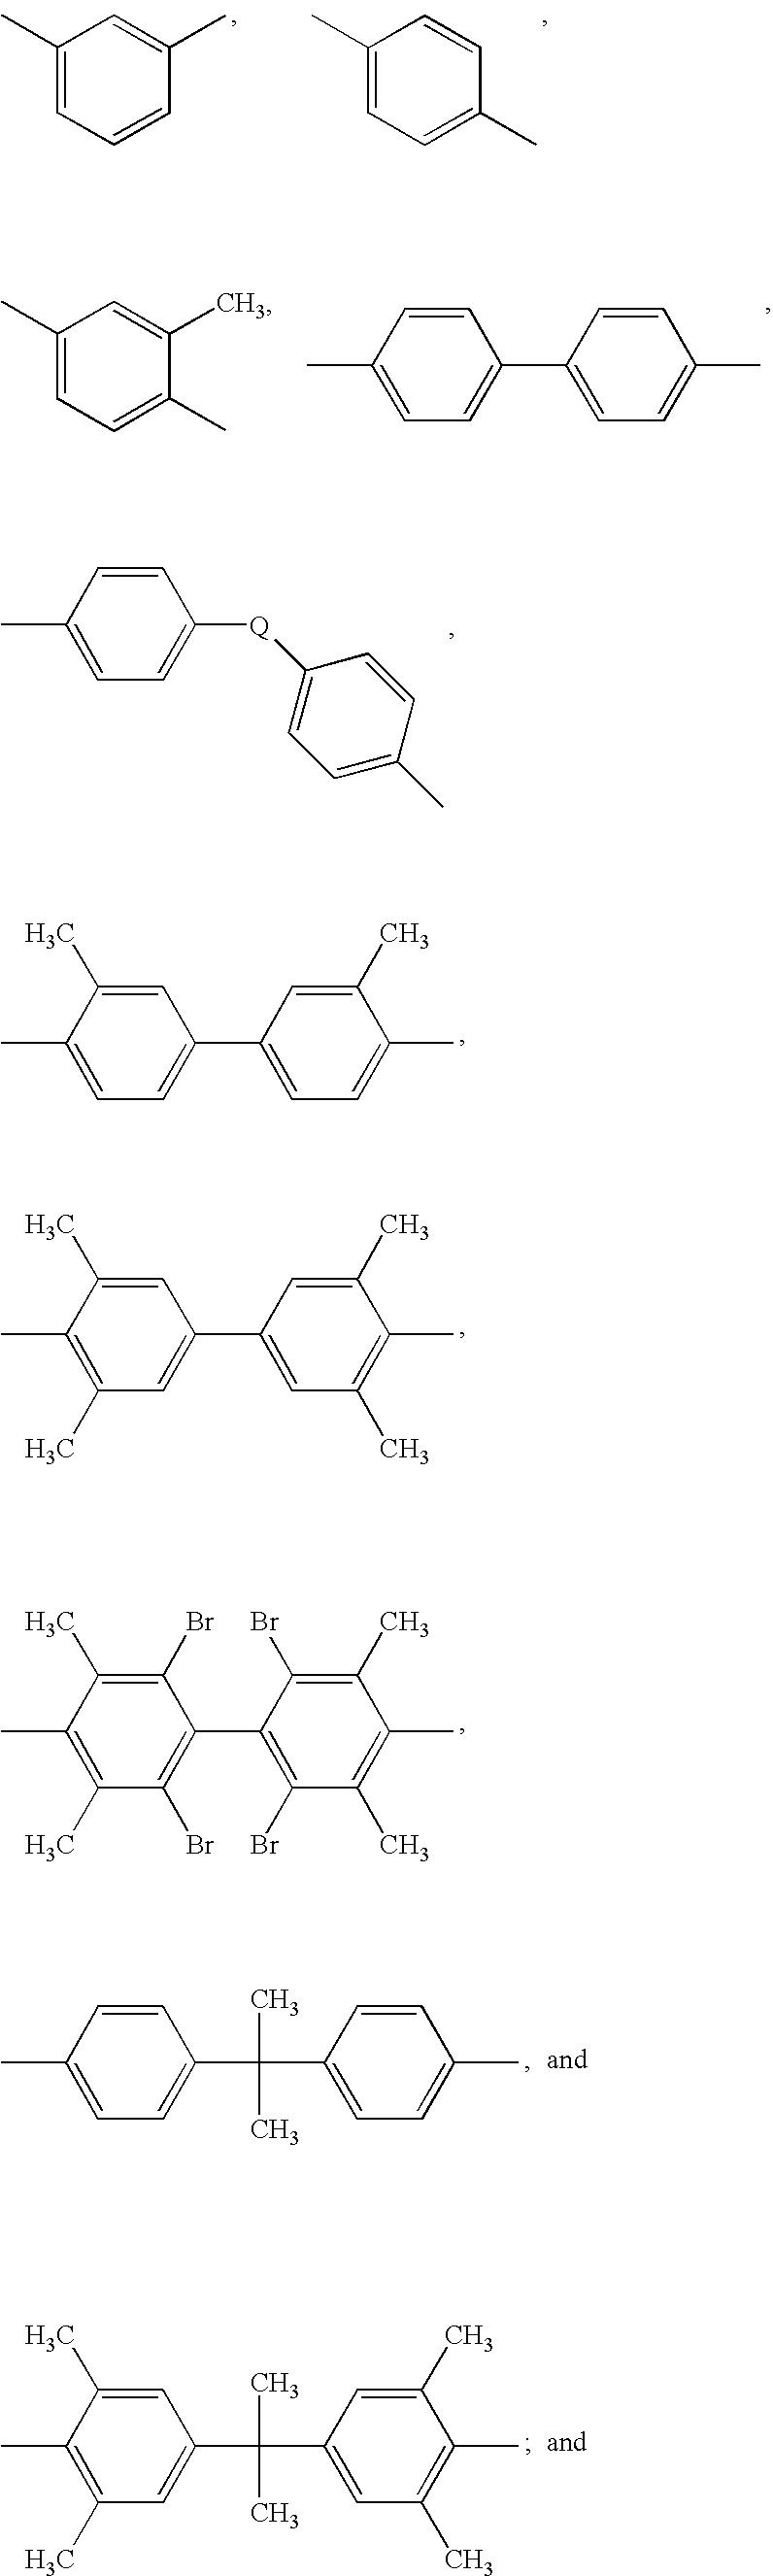 Figure US20070265421A1-20071115-C00023